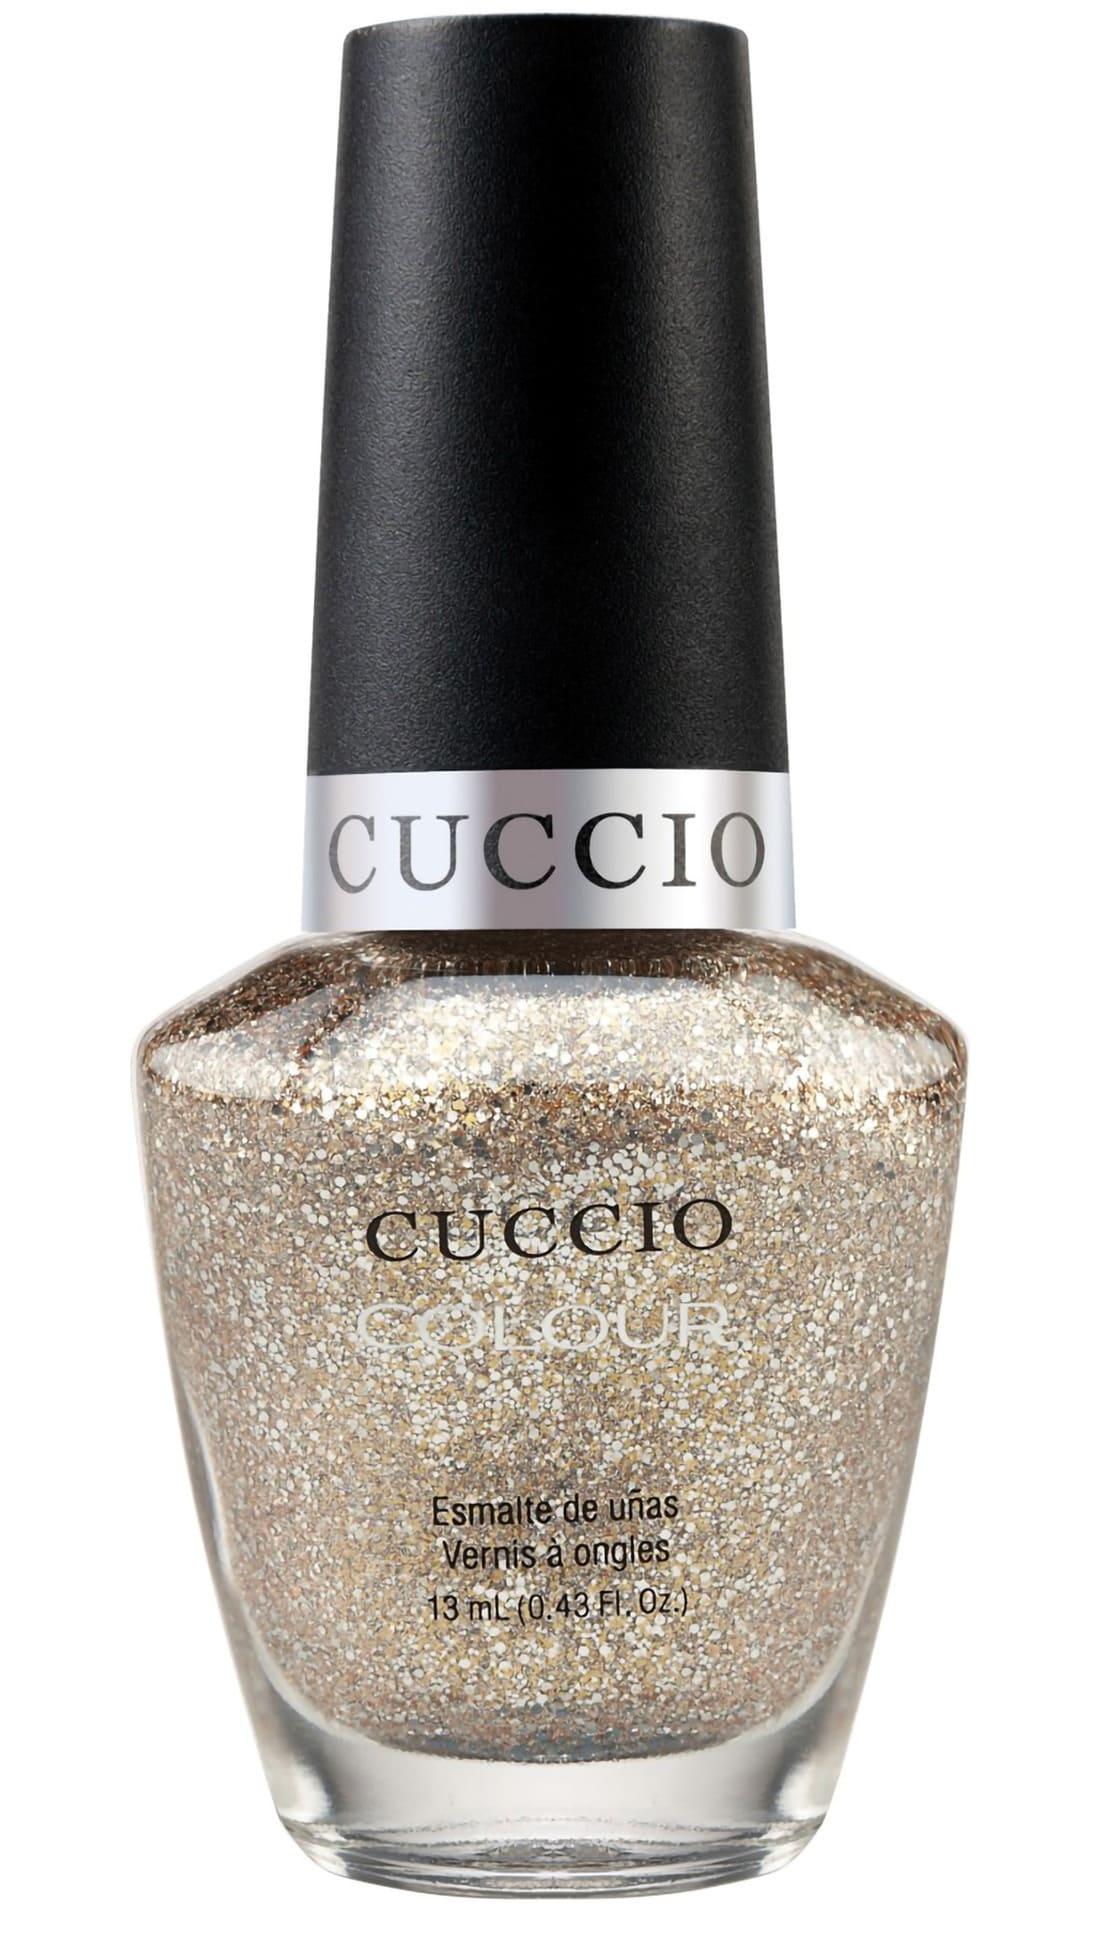 Esmalte Colour - Cuppa Cuccio - 13ml